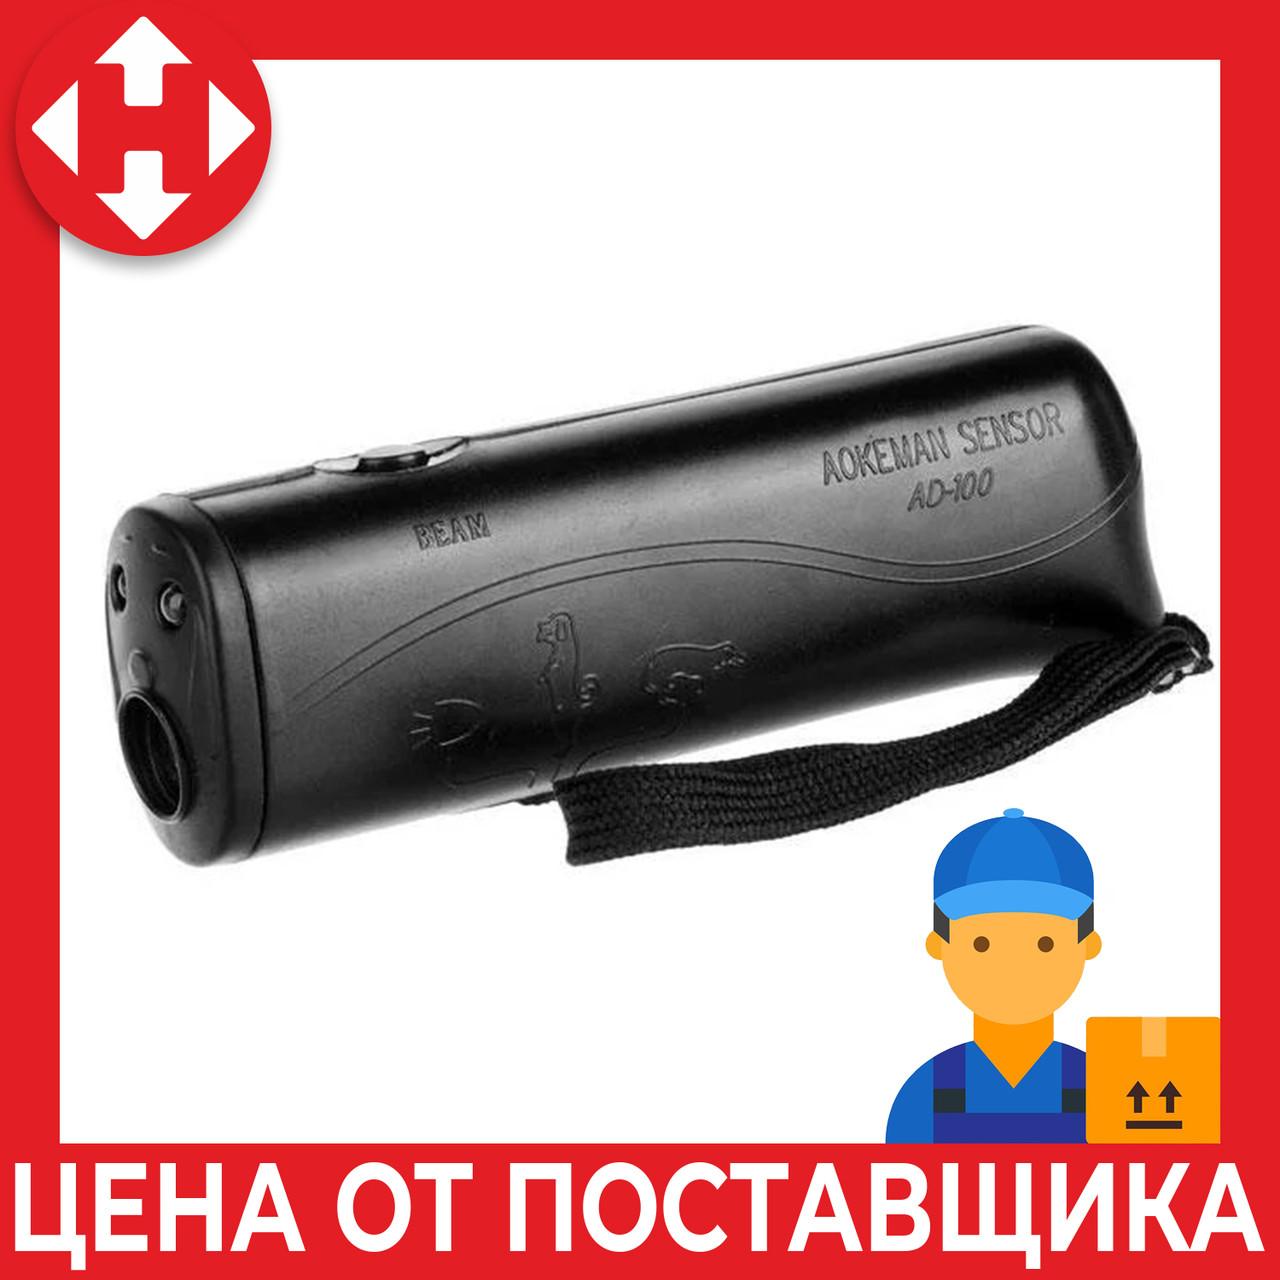 Отпугиватель для собак, Ultrasonic, AD-100, Черный.эффективная, защита от собак